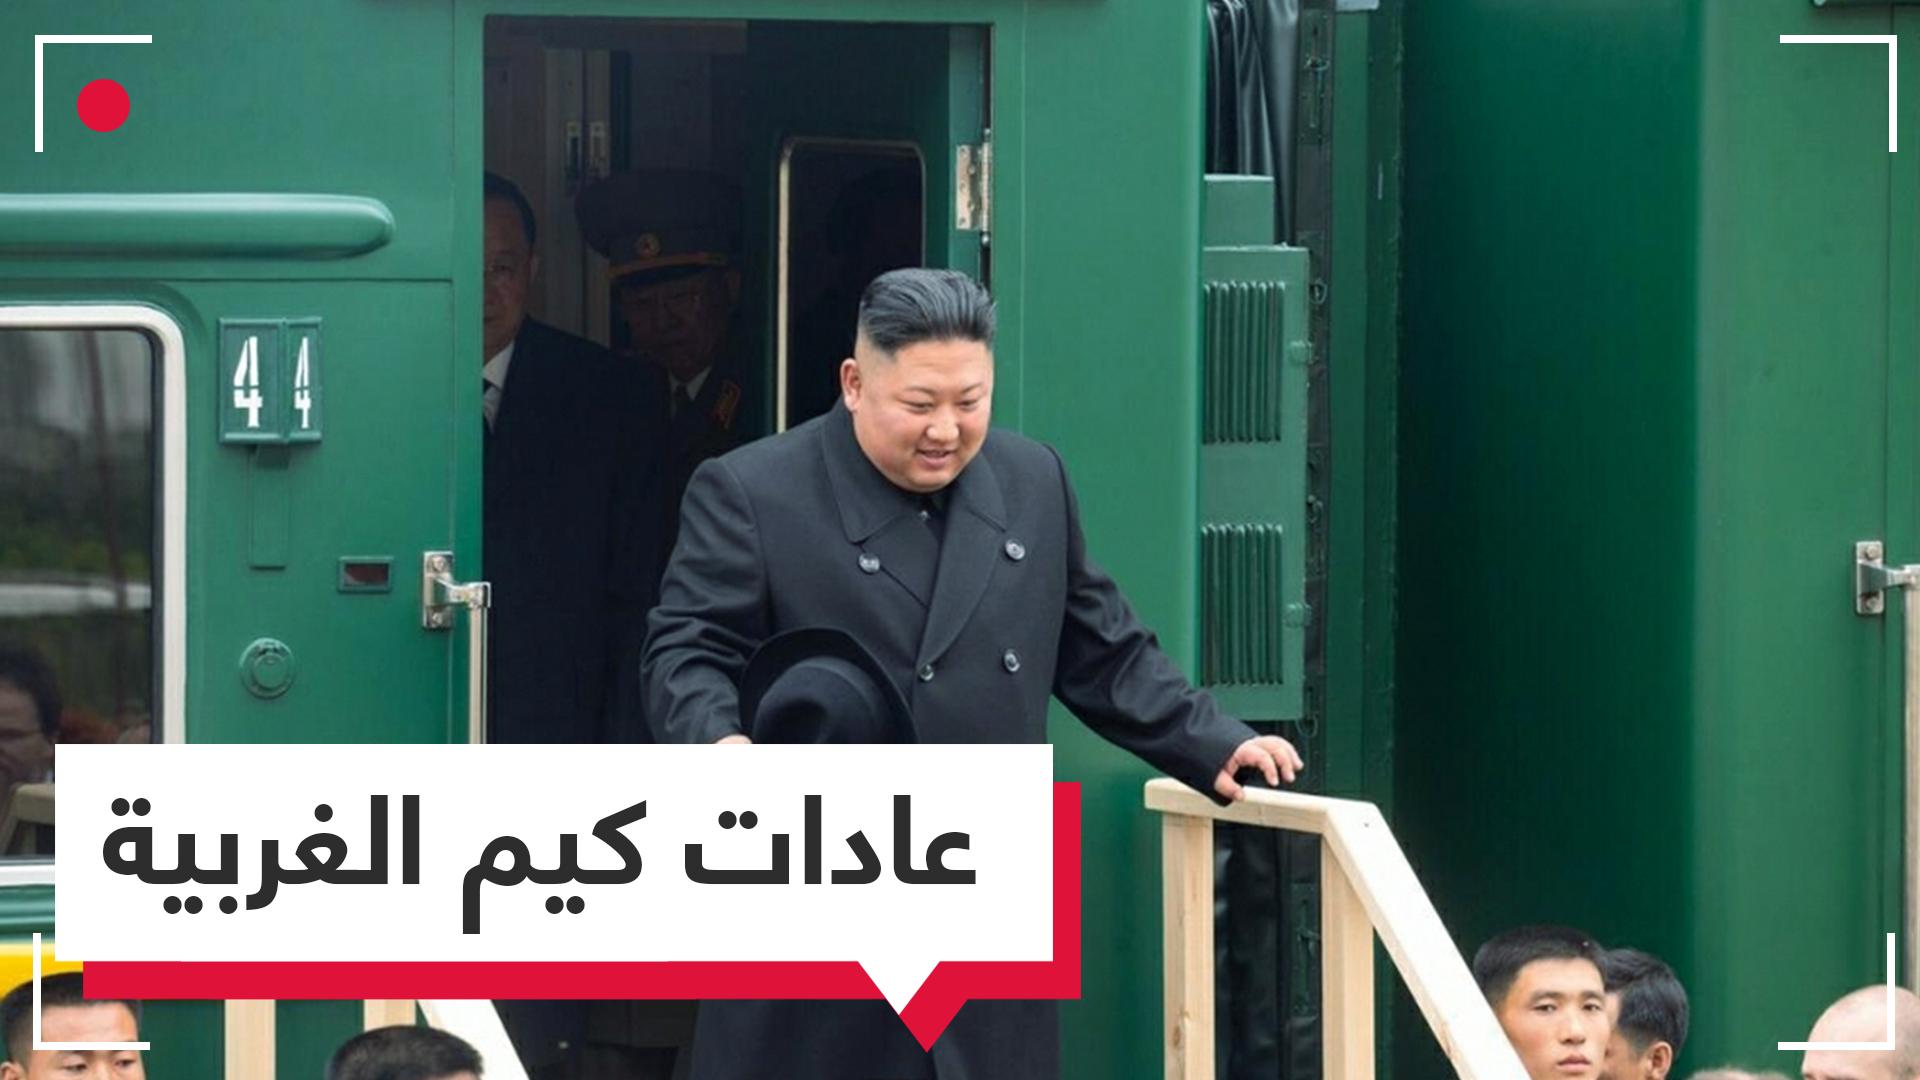 عادات غريبة للزعيم الكوري الشمالي ظهرت خلال زياراته لقادة العالم